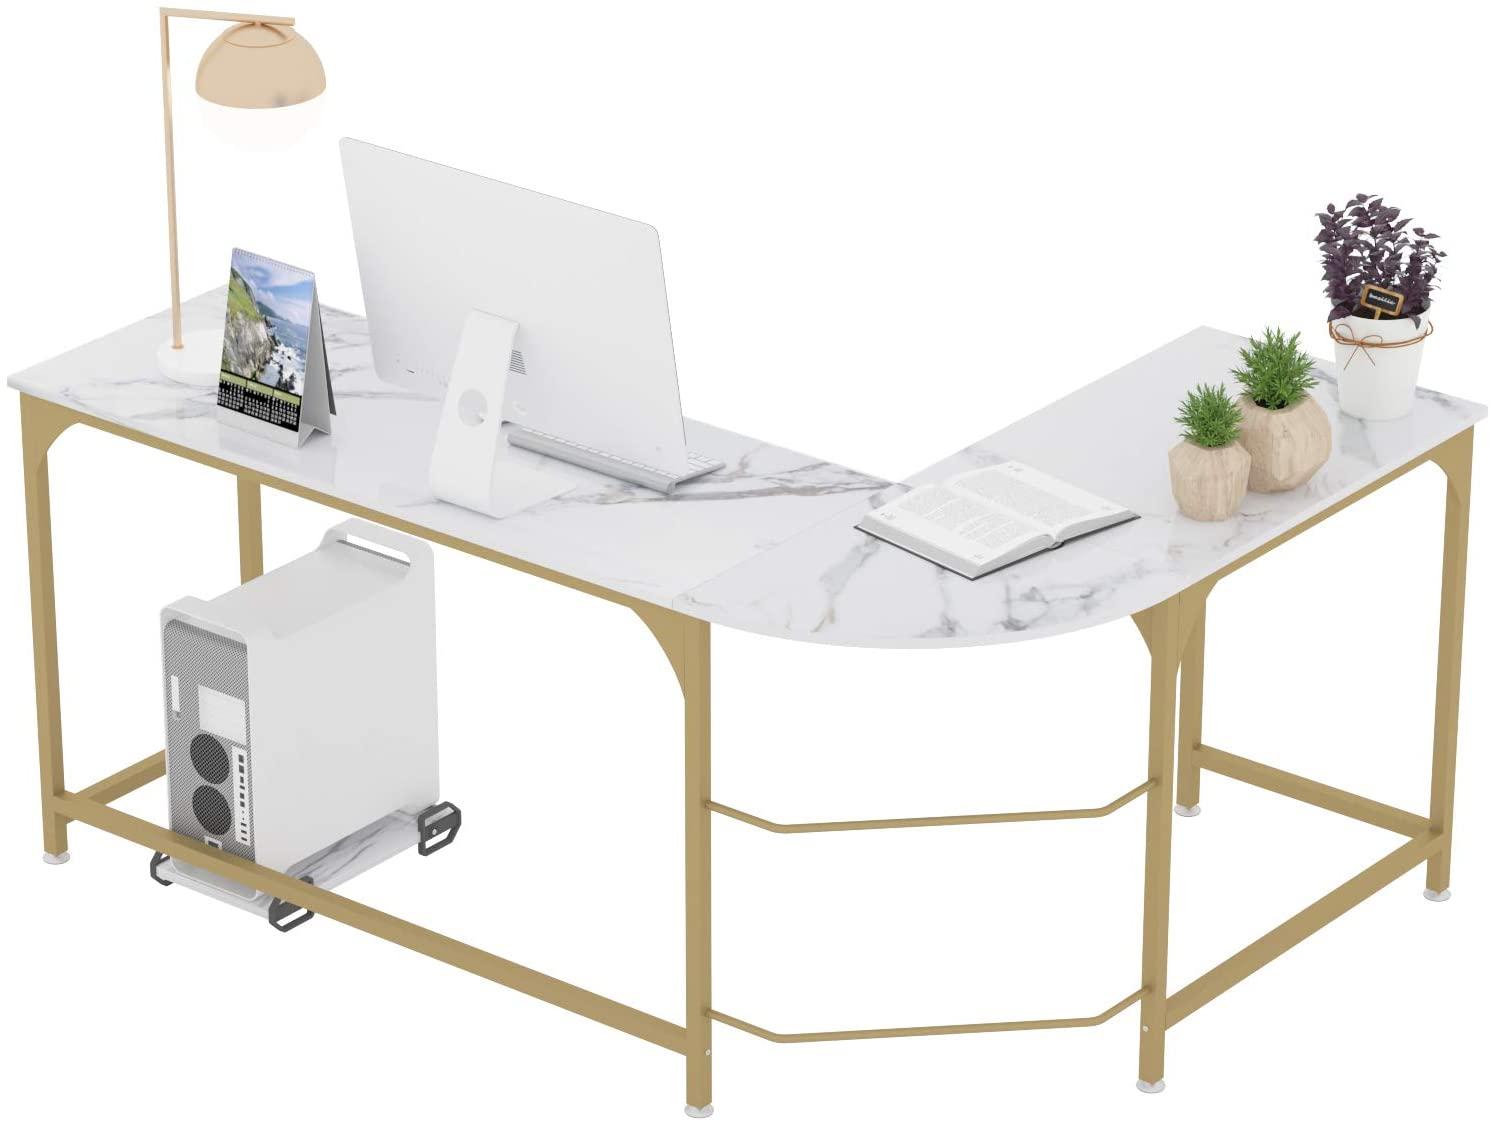 عكسها L-شكل مكتب ركن كمبيوتر ألعاب مكتب محطة العمل الحديثة دراسة المنزل الكتابة طاولة خشبية